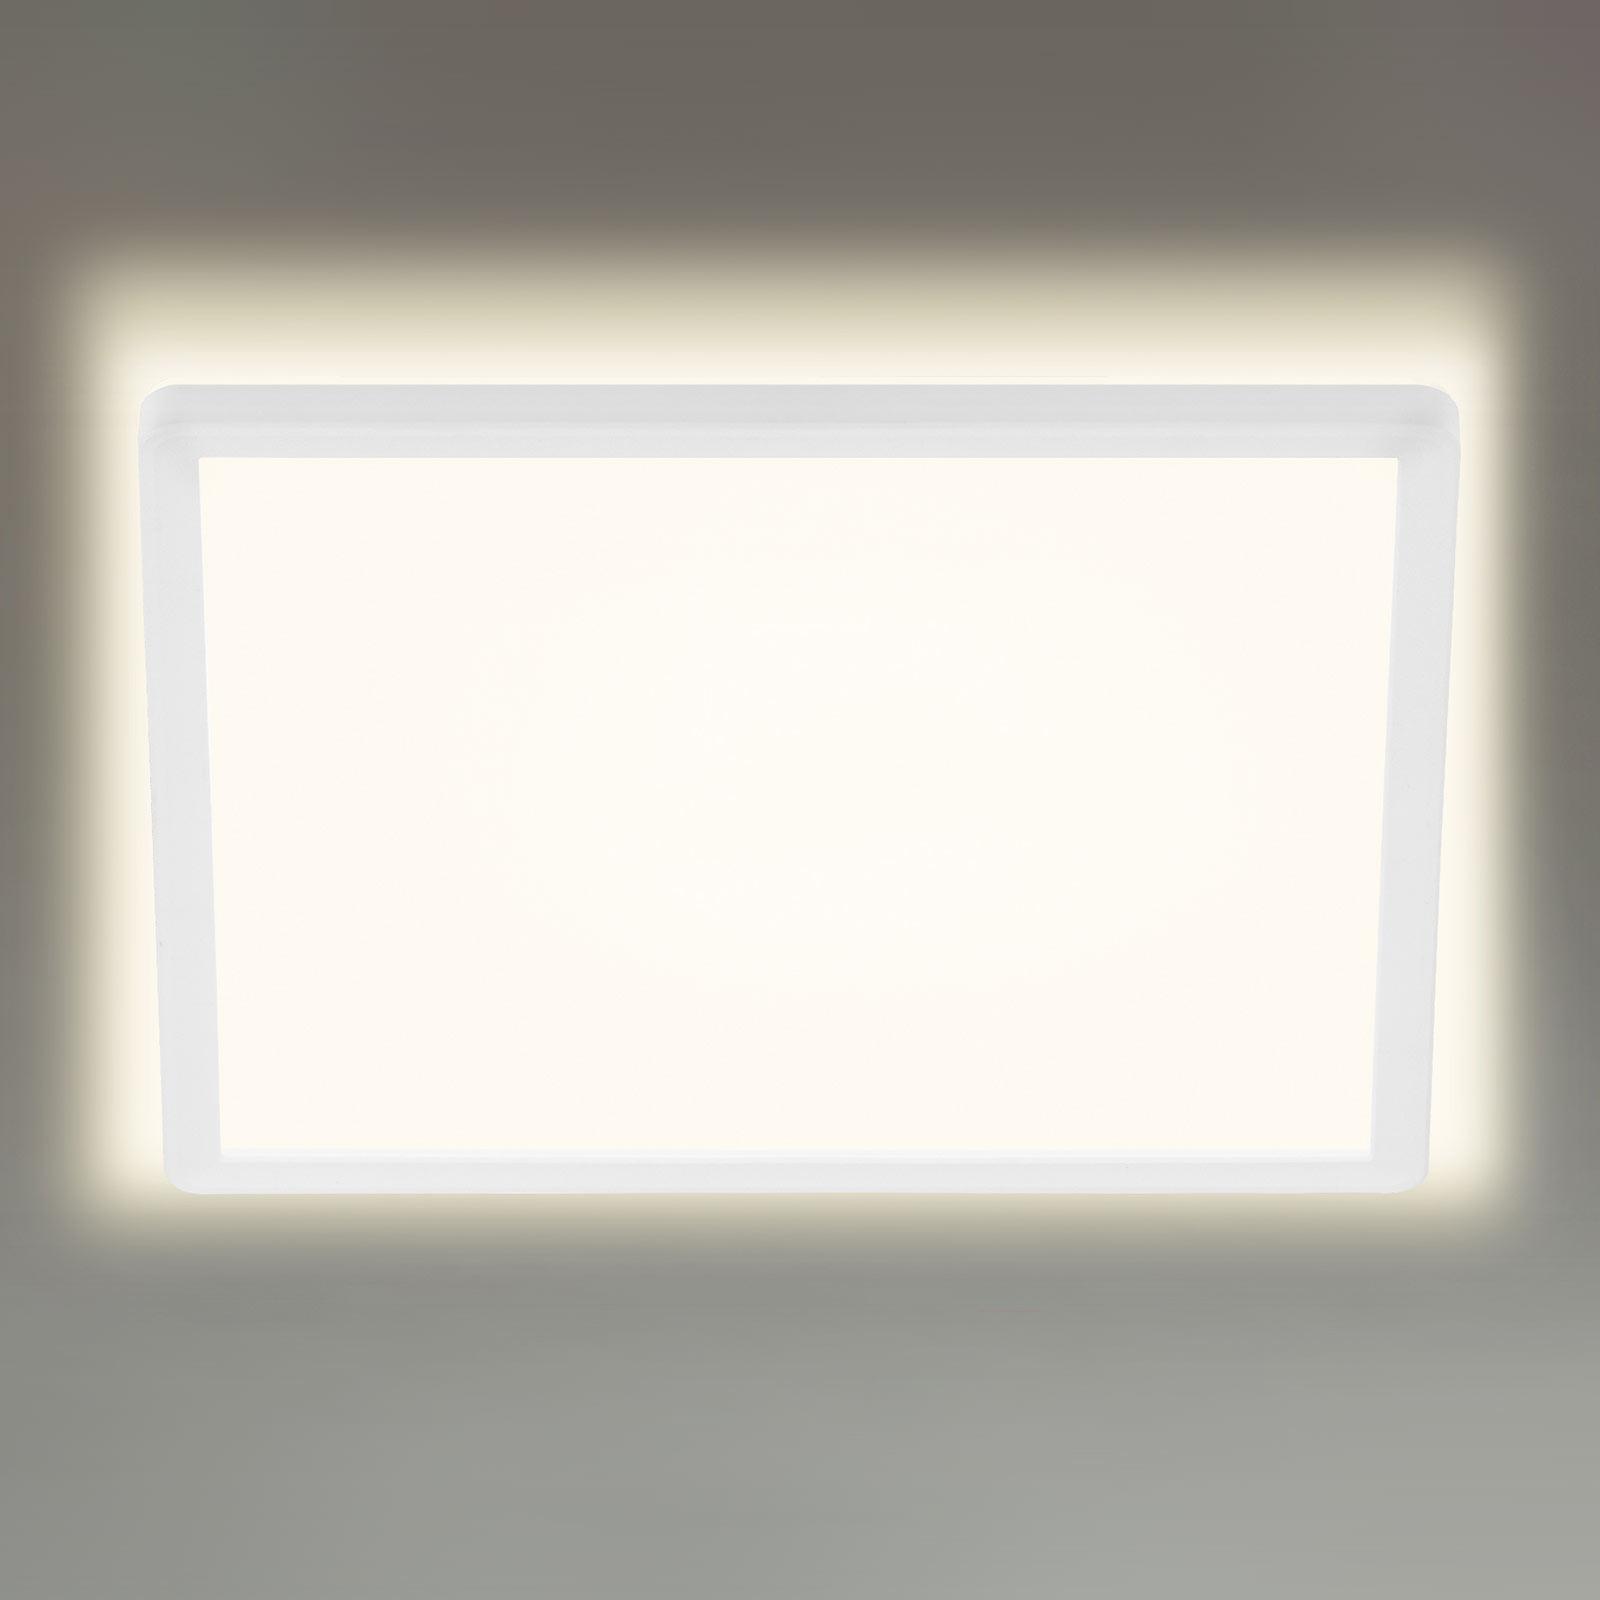 LED plafondlamp 7156/7158, hoekig 29,3x29,3cm